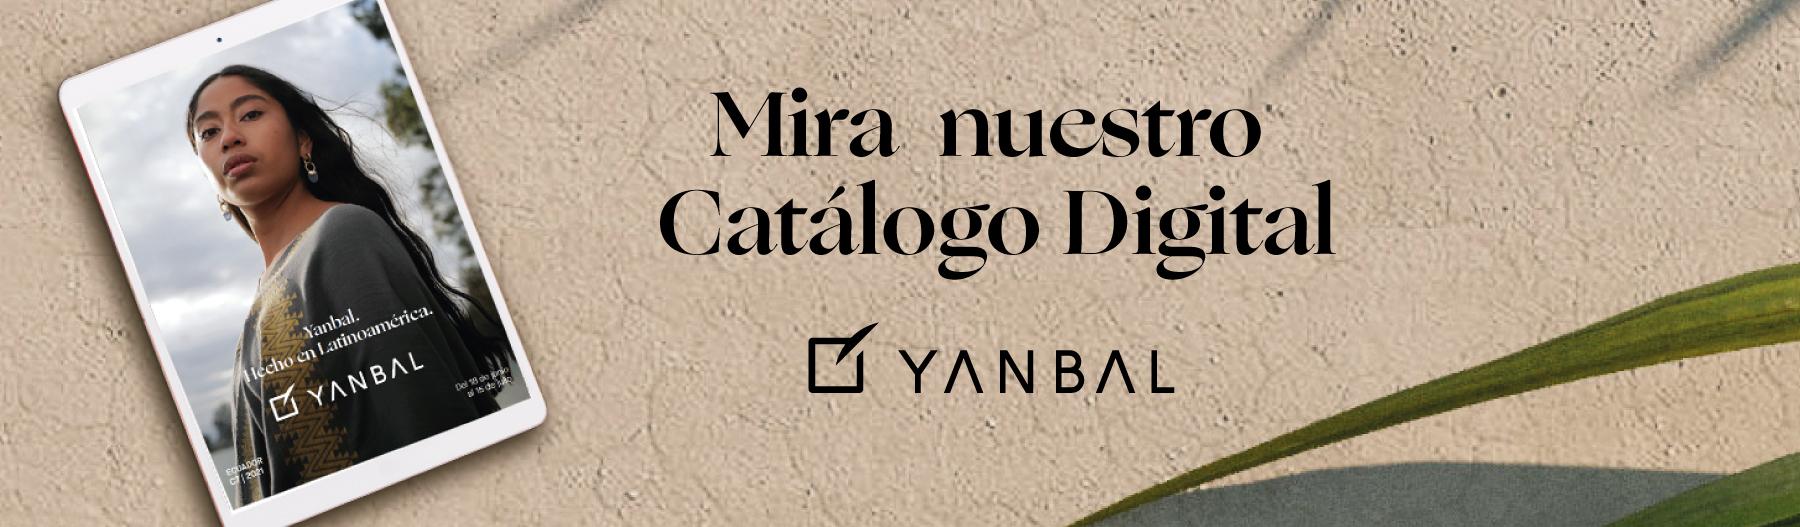 yanbal-catalogo